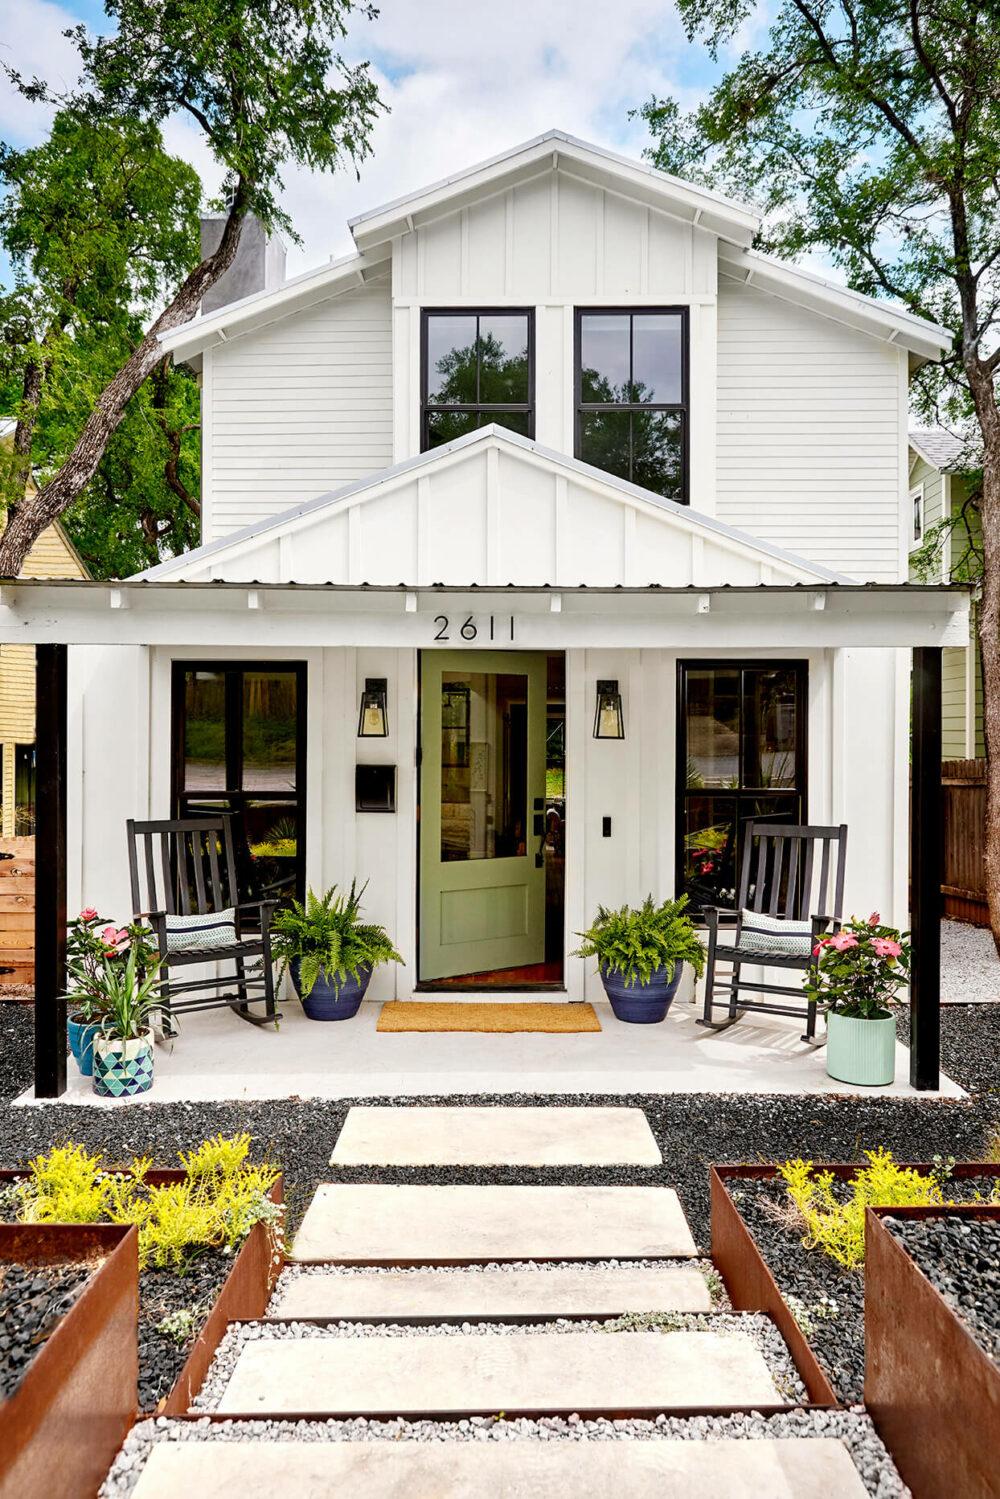 house curb appeal ideas